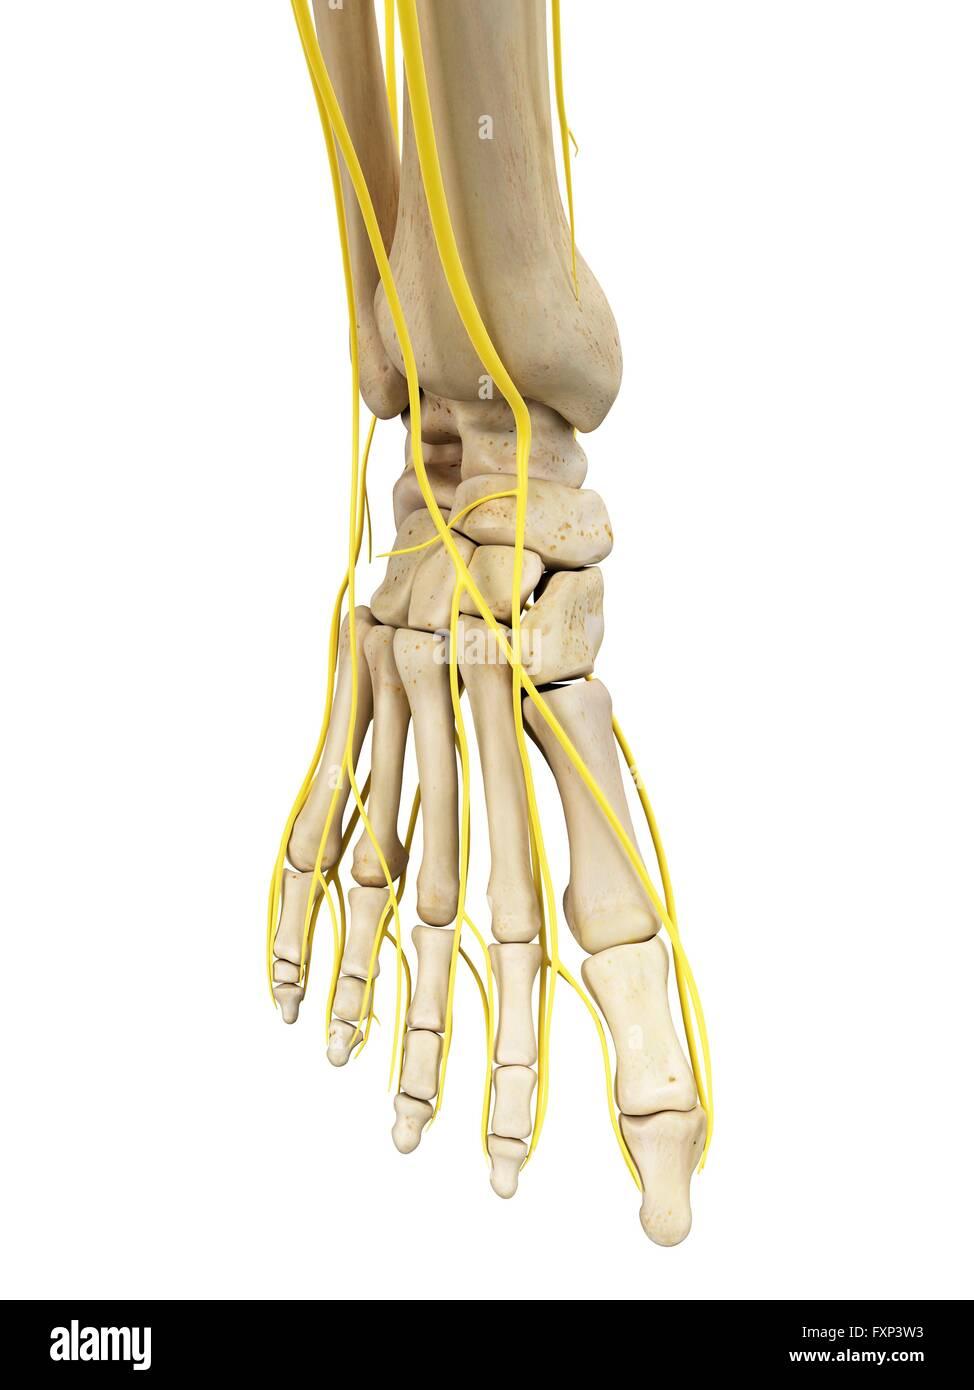 Fantastisch Hand Nerven Anatomie Zeitgenössisch - Anatomie Ideen ...